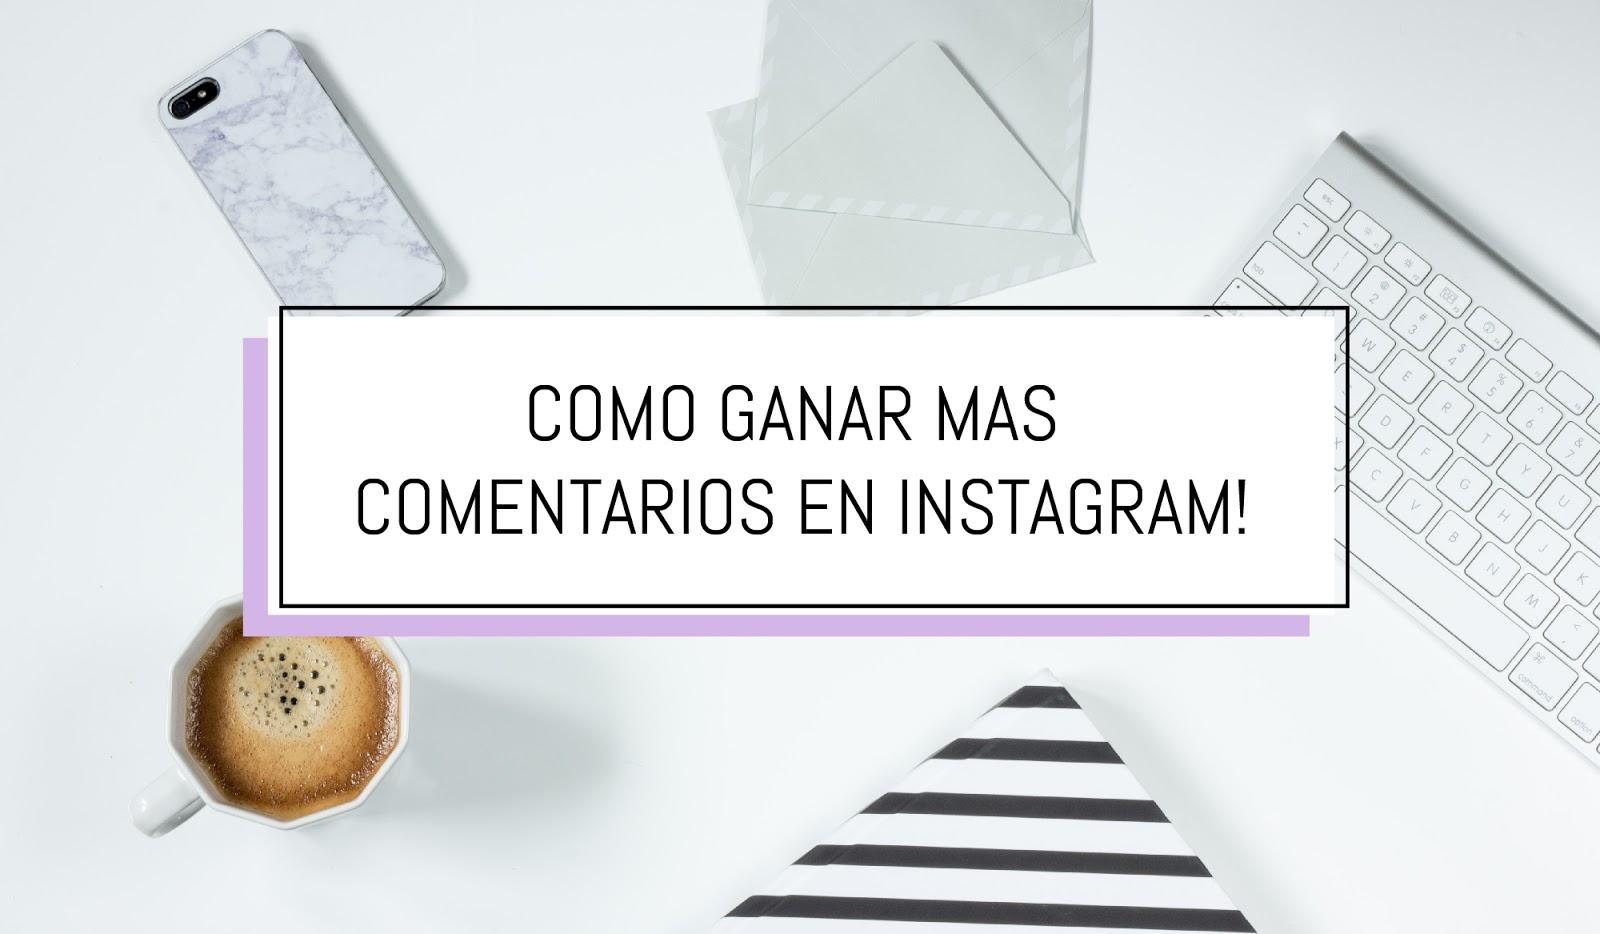 como ganar mas comentarios en instagram con pods